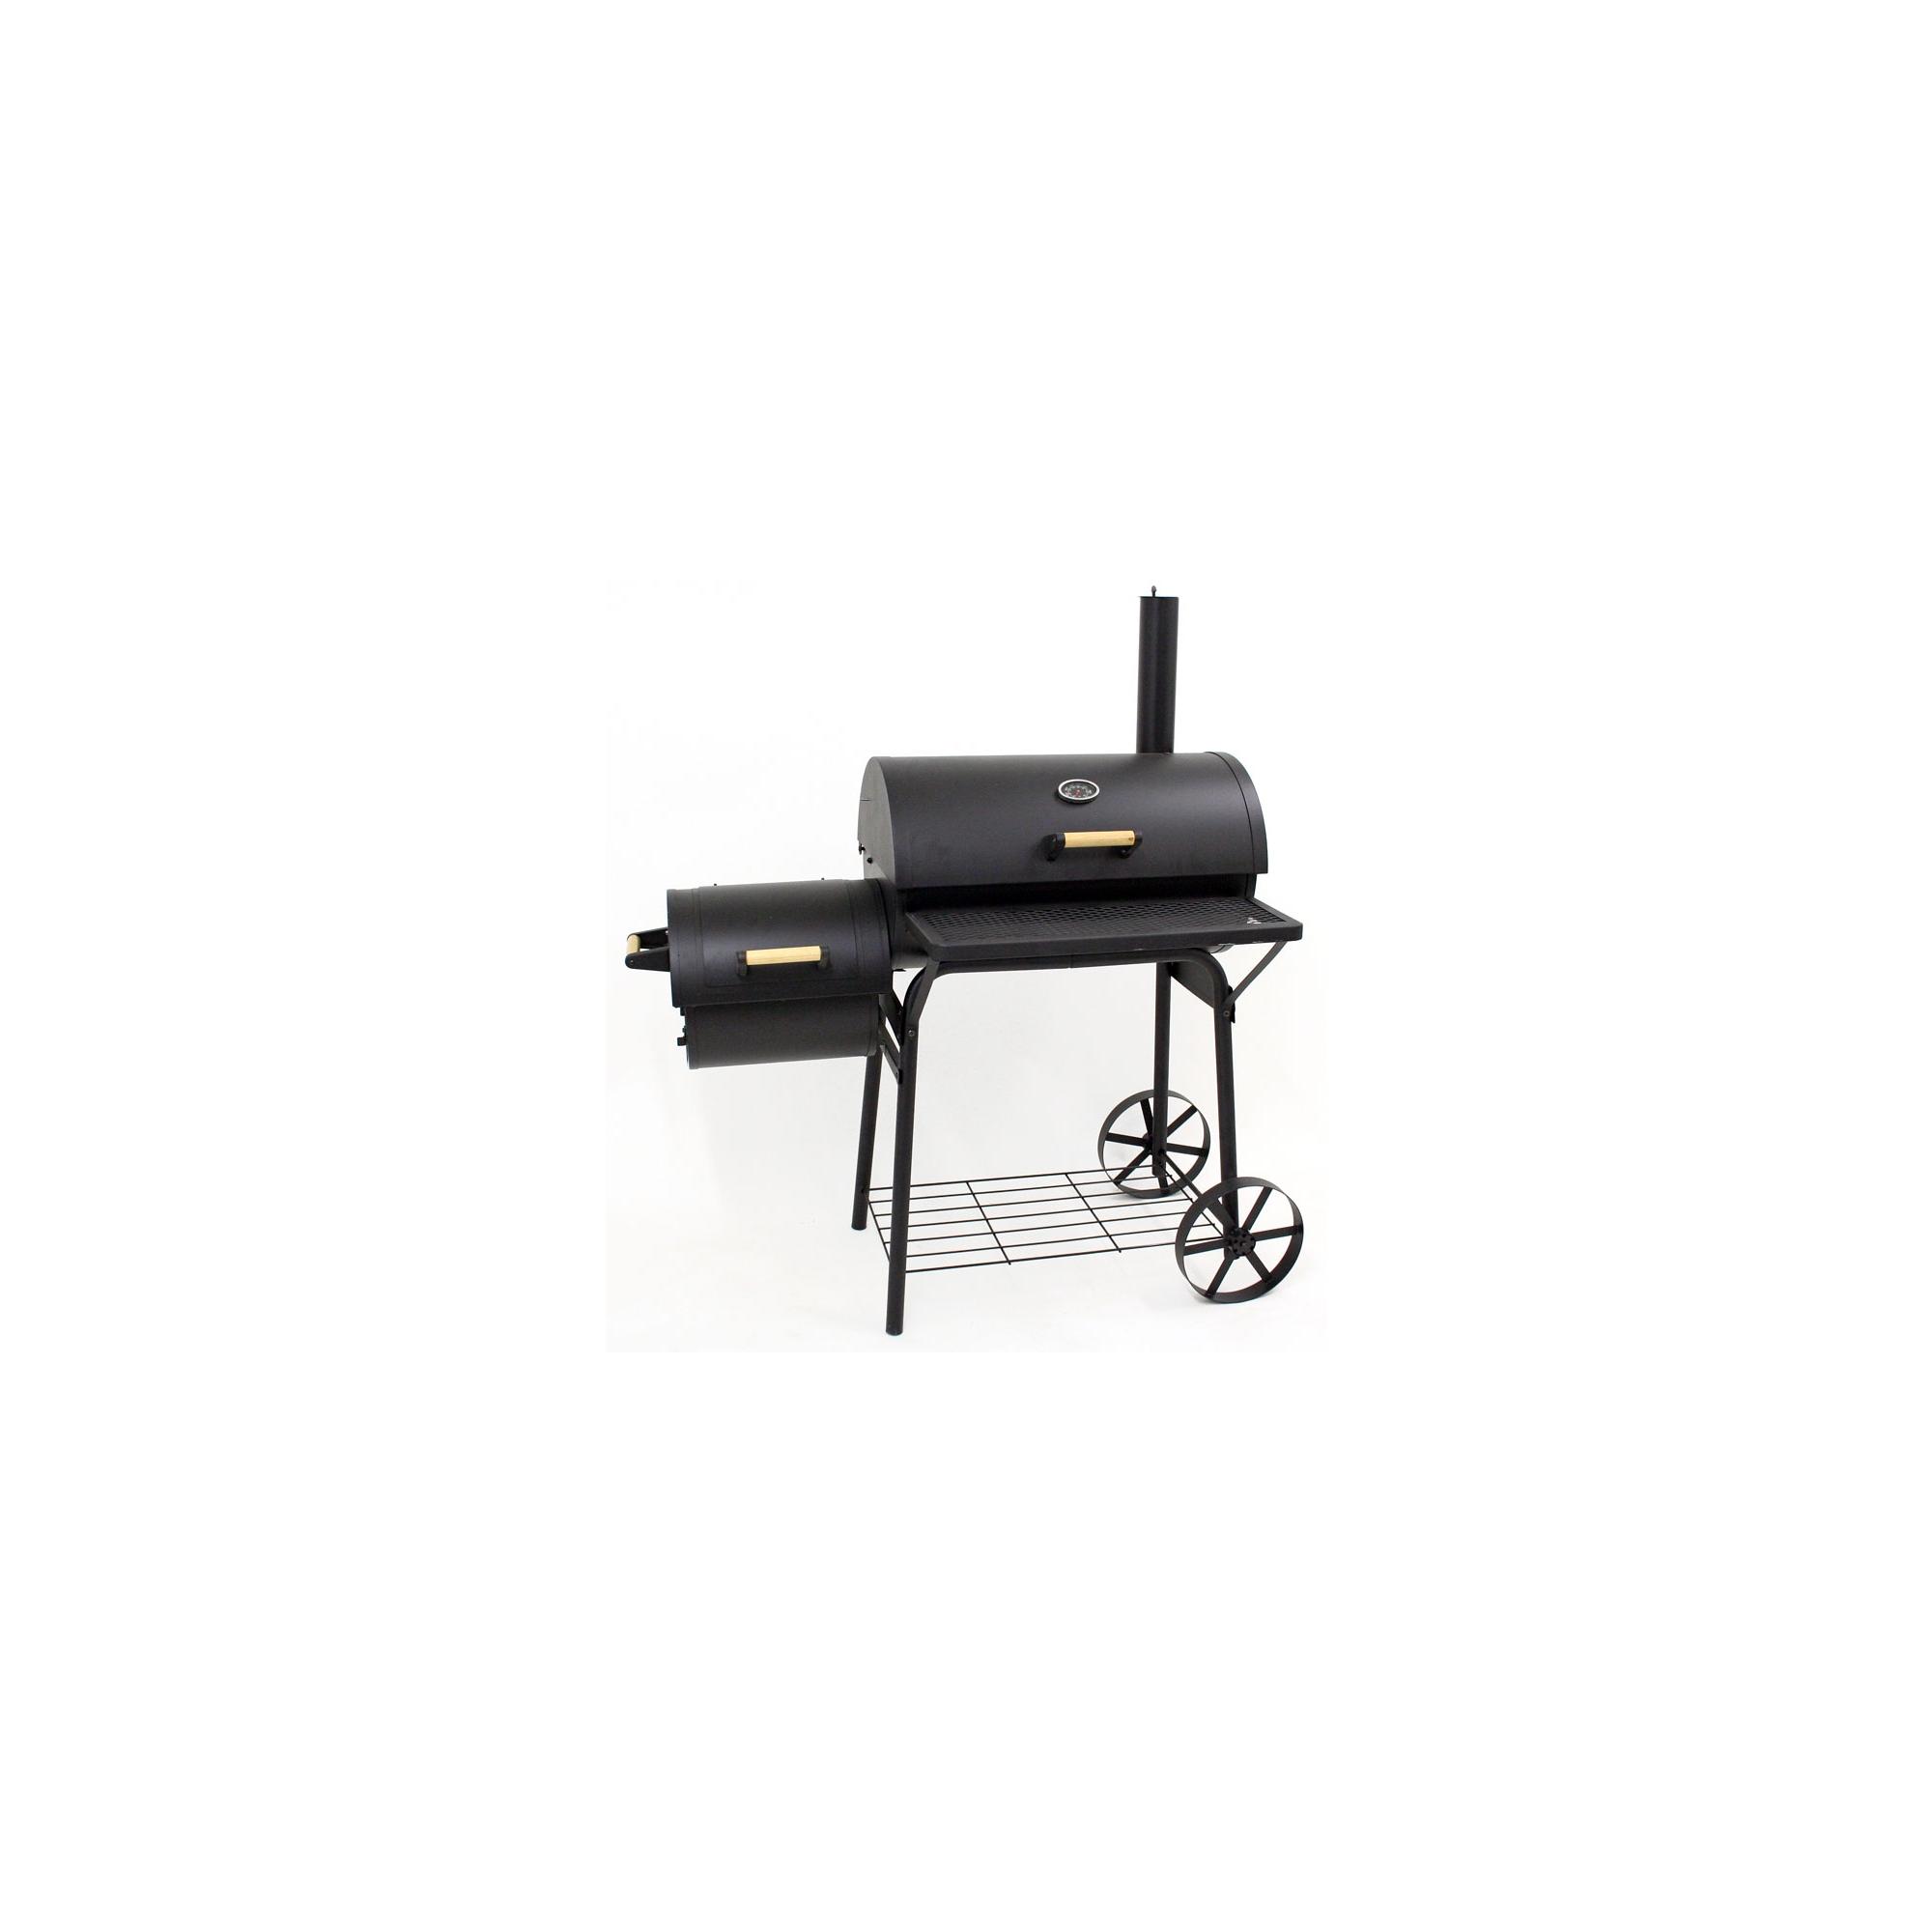 """Suitsu-ja BBQ grill """"Classic"""". Tasuta kohaletoimetamine! Müüduim suitsugrill Eestis!"""